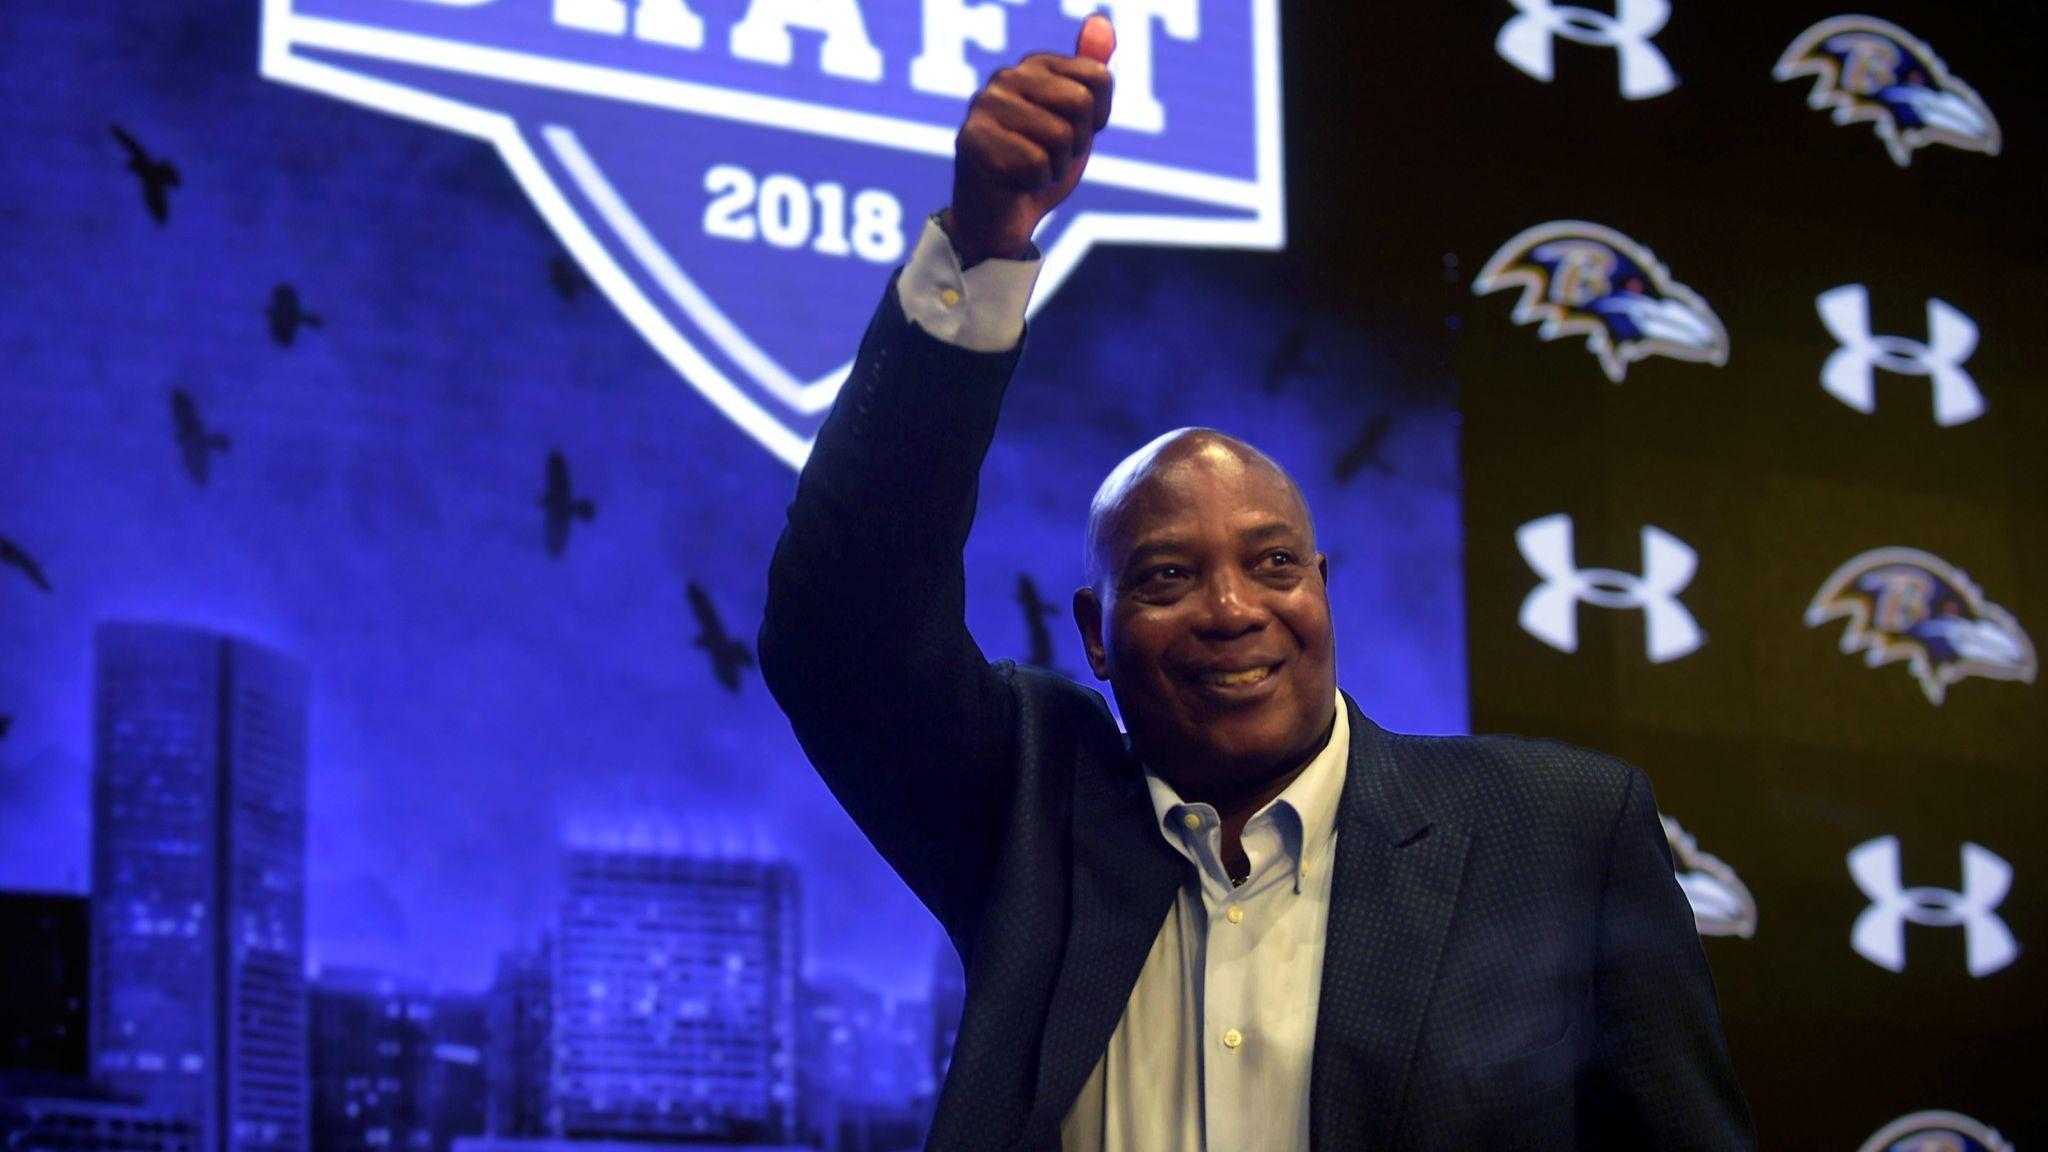 FBN 2018 RAVENS NFL DRAFT